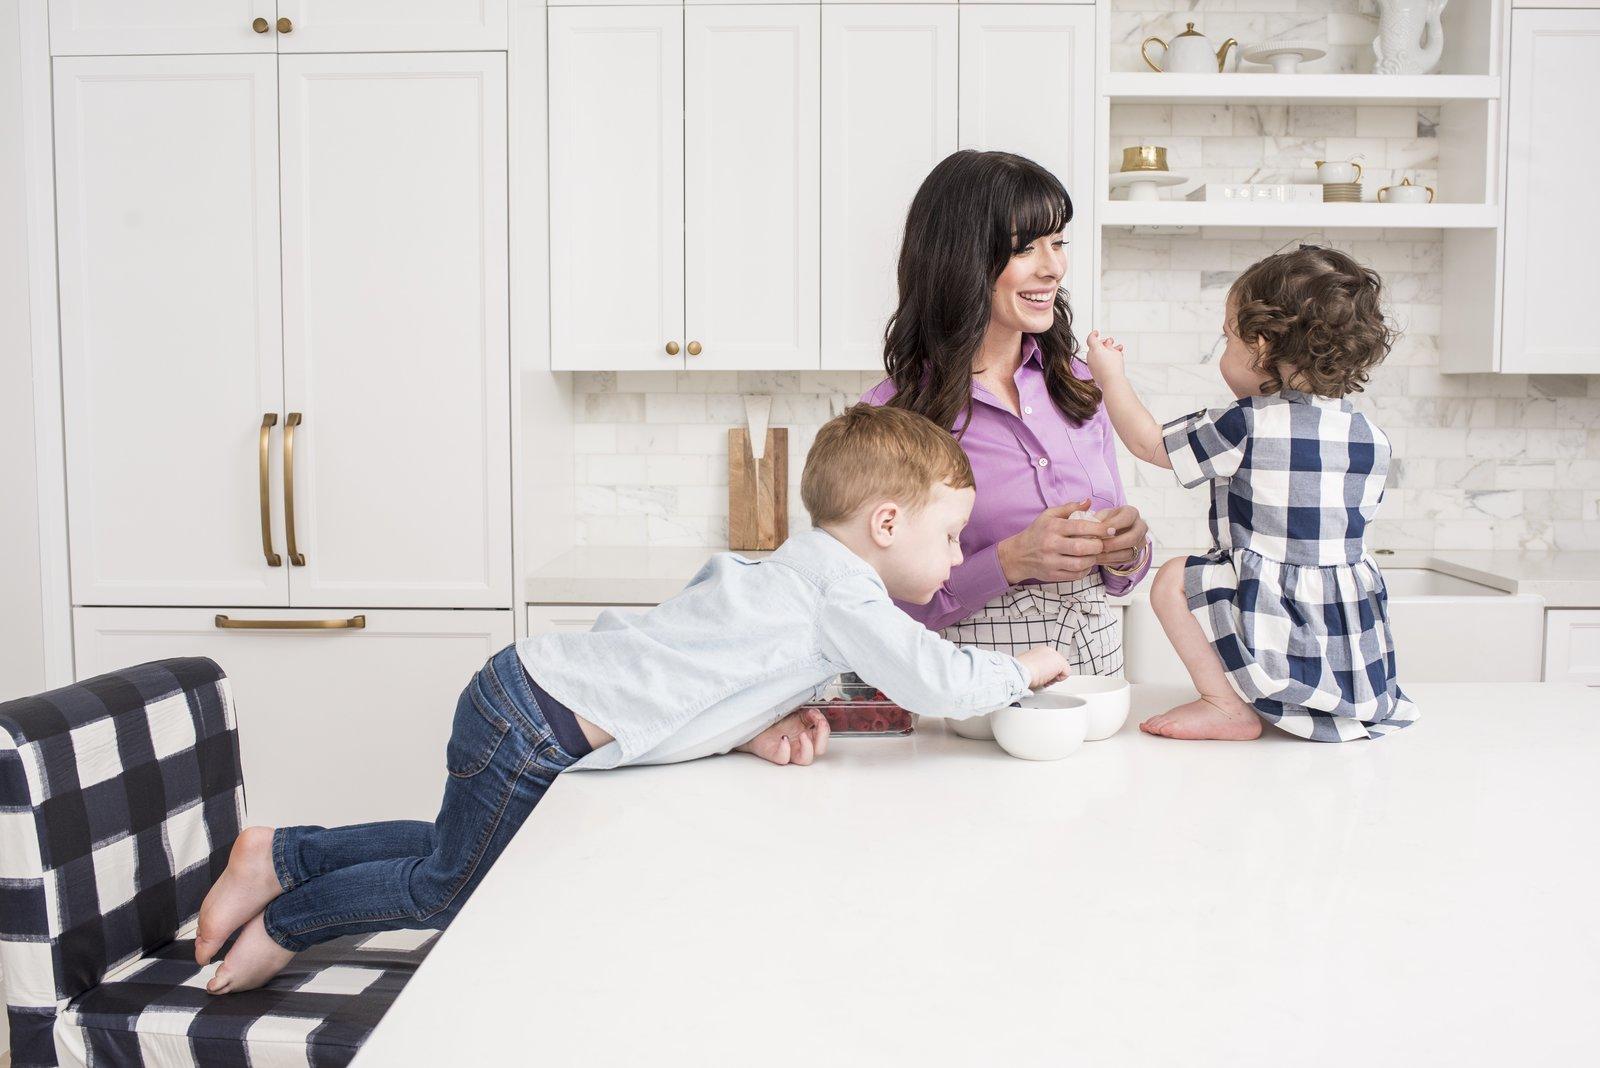 An Interior Designer's Streamlined Kitchen - Photo 2 of 8